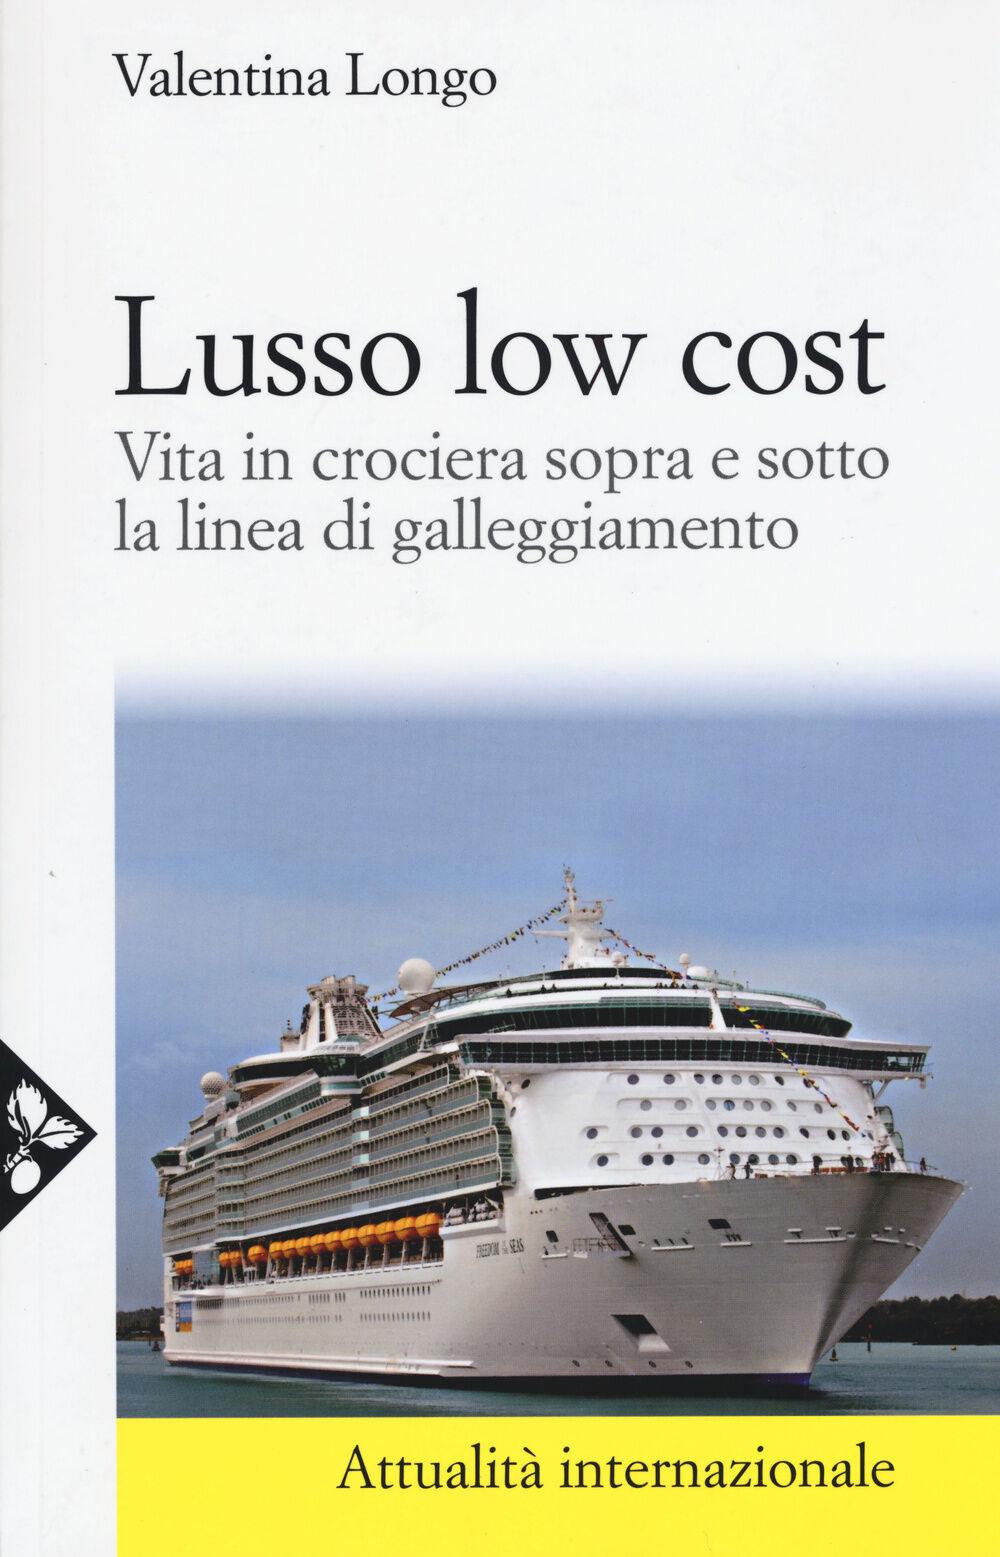 Lusso low cost. Vita in crociera sopra e sotto la linea di galleggiamento